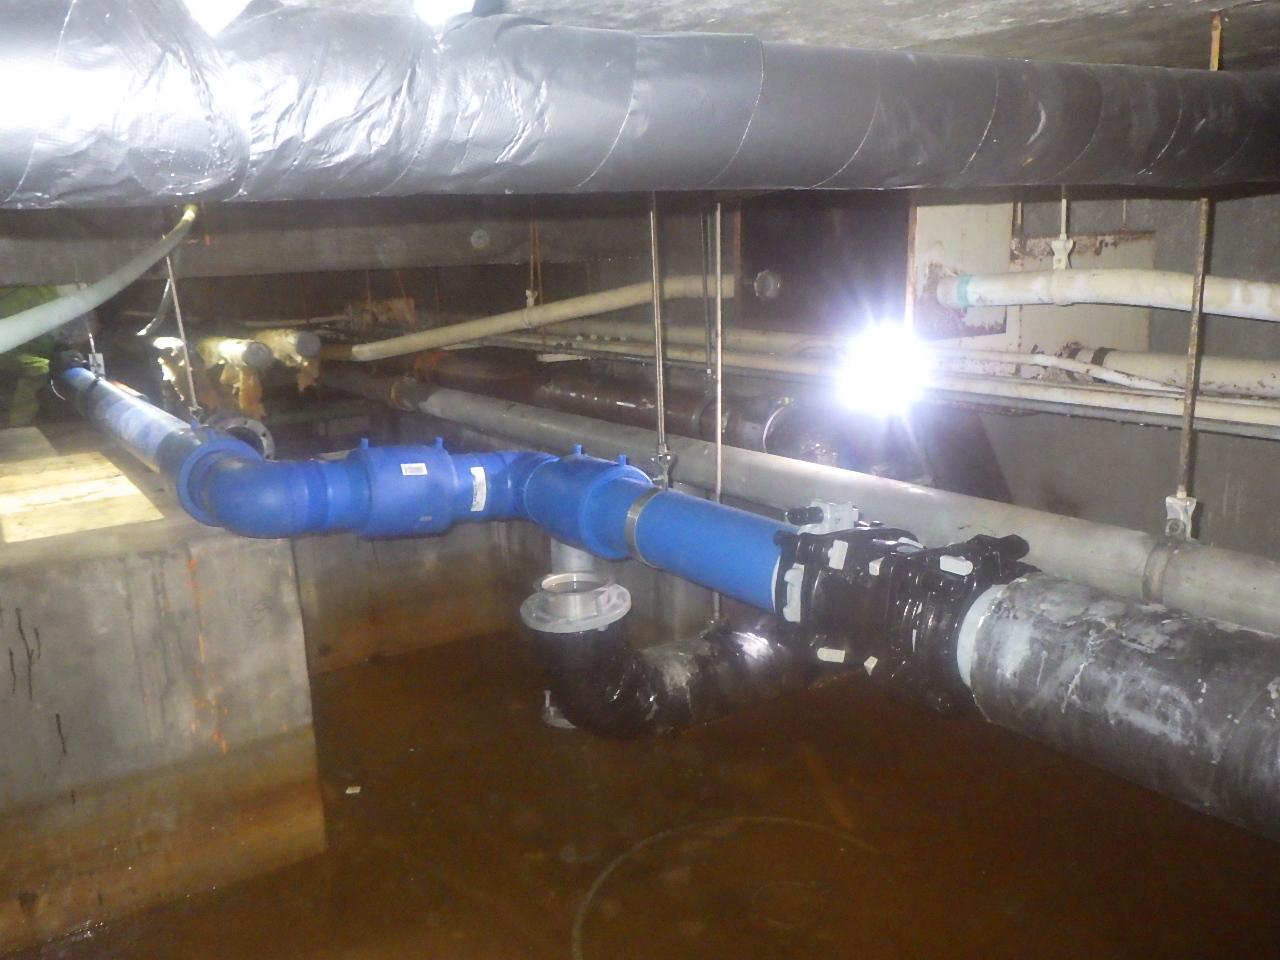 滋賀大学(彦根)基幹整備(給排水設備等)工事 画像02